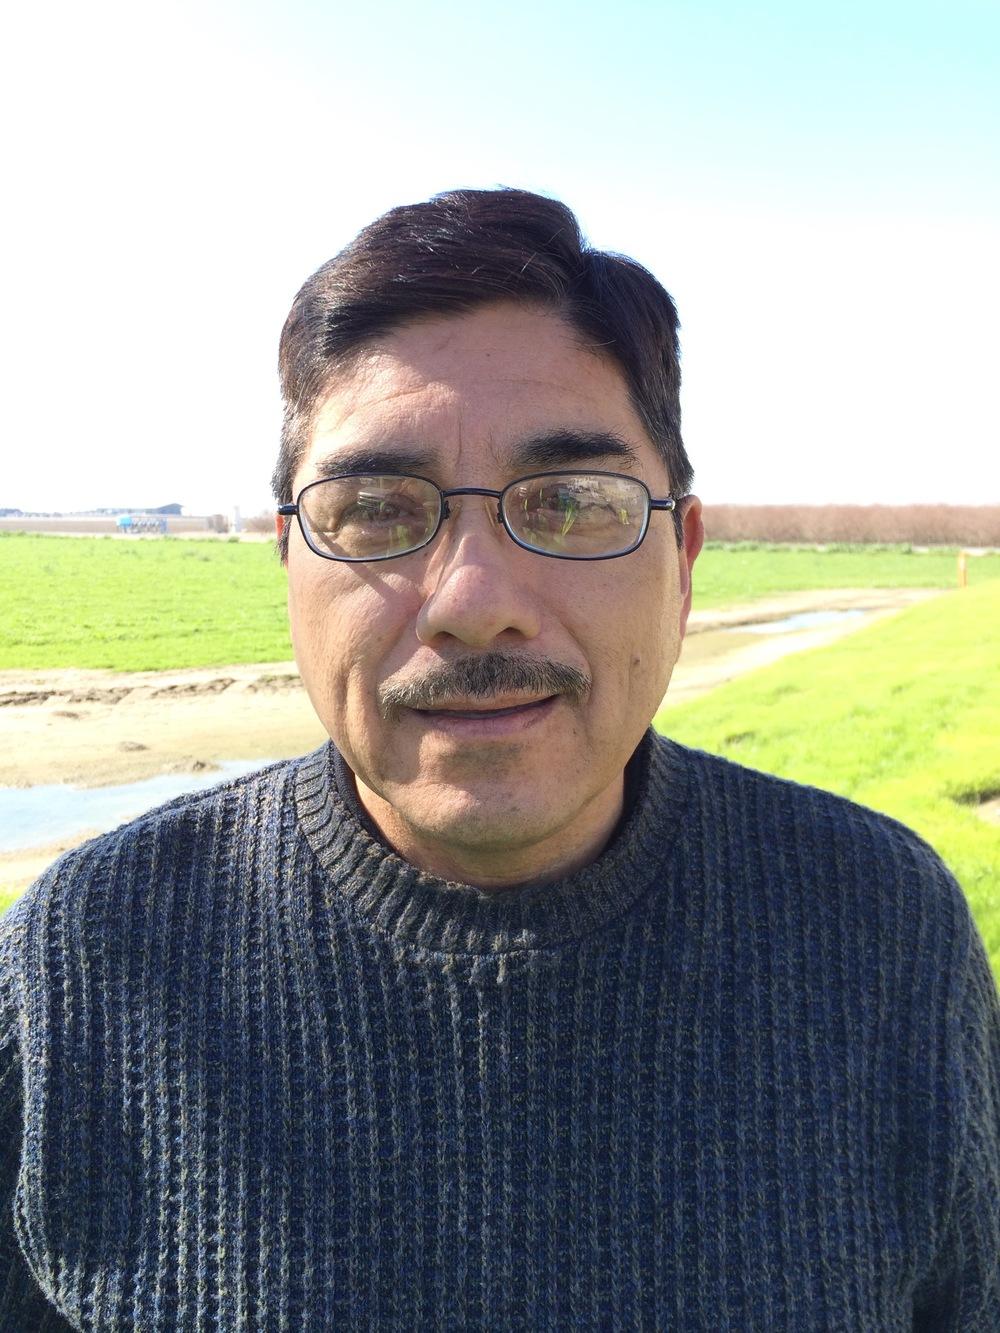 Chaplain John Gutierrez